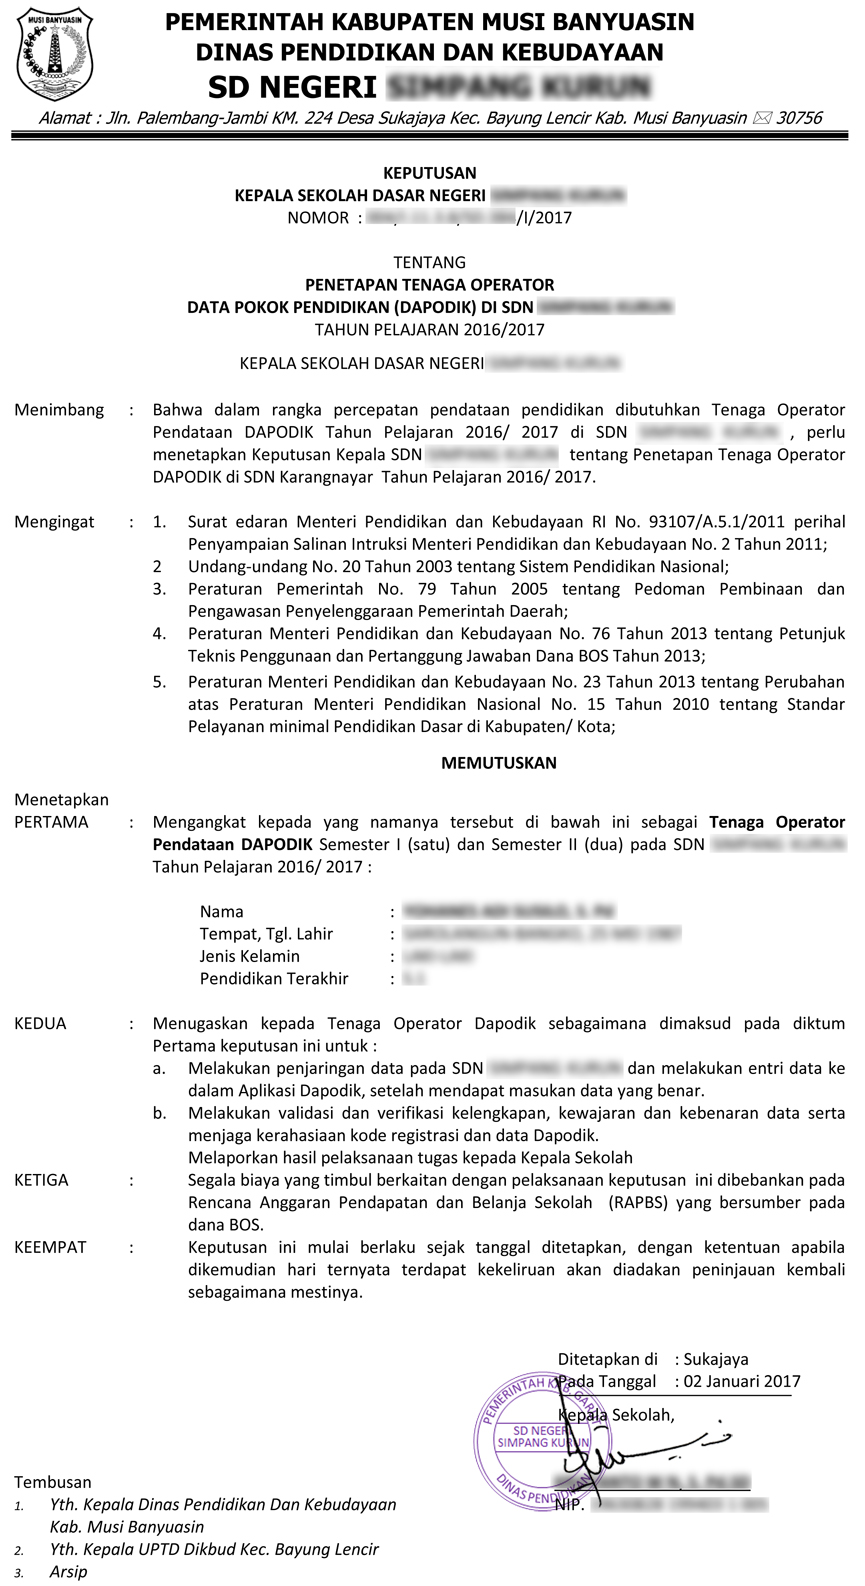 Download Contoh Sk Operator Terbaru 2017 Foppsi Sumatera Selatan